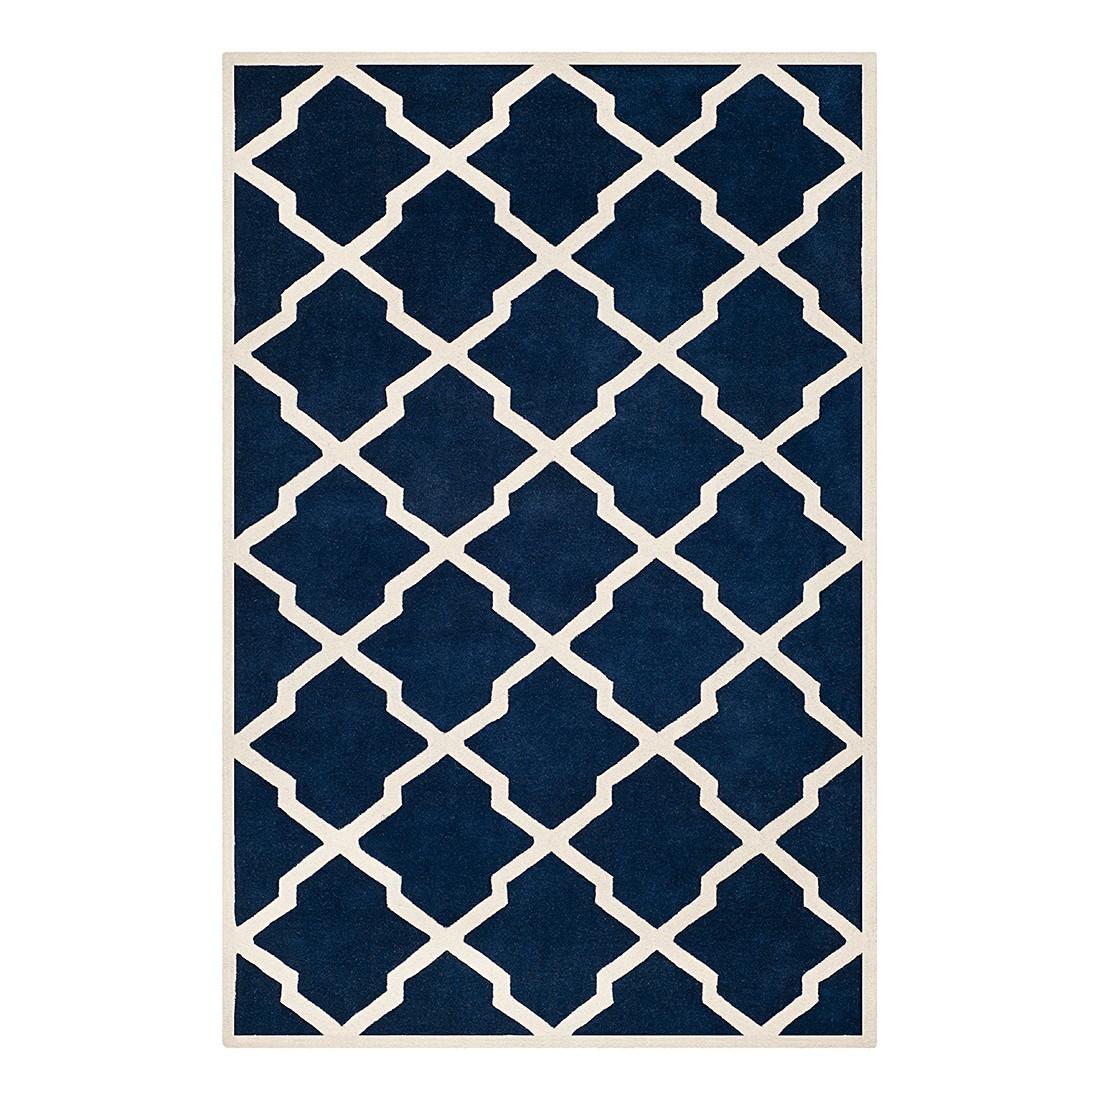 Teppich Carbone – Dunkelblau/Creme – 122 x 183 cm, Safavieh jetzt bestellen